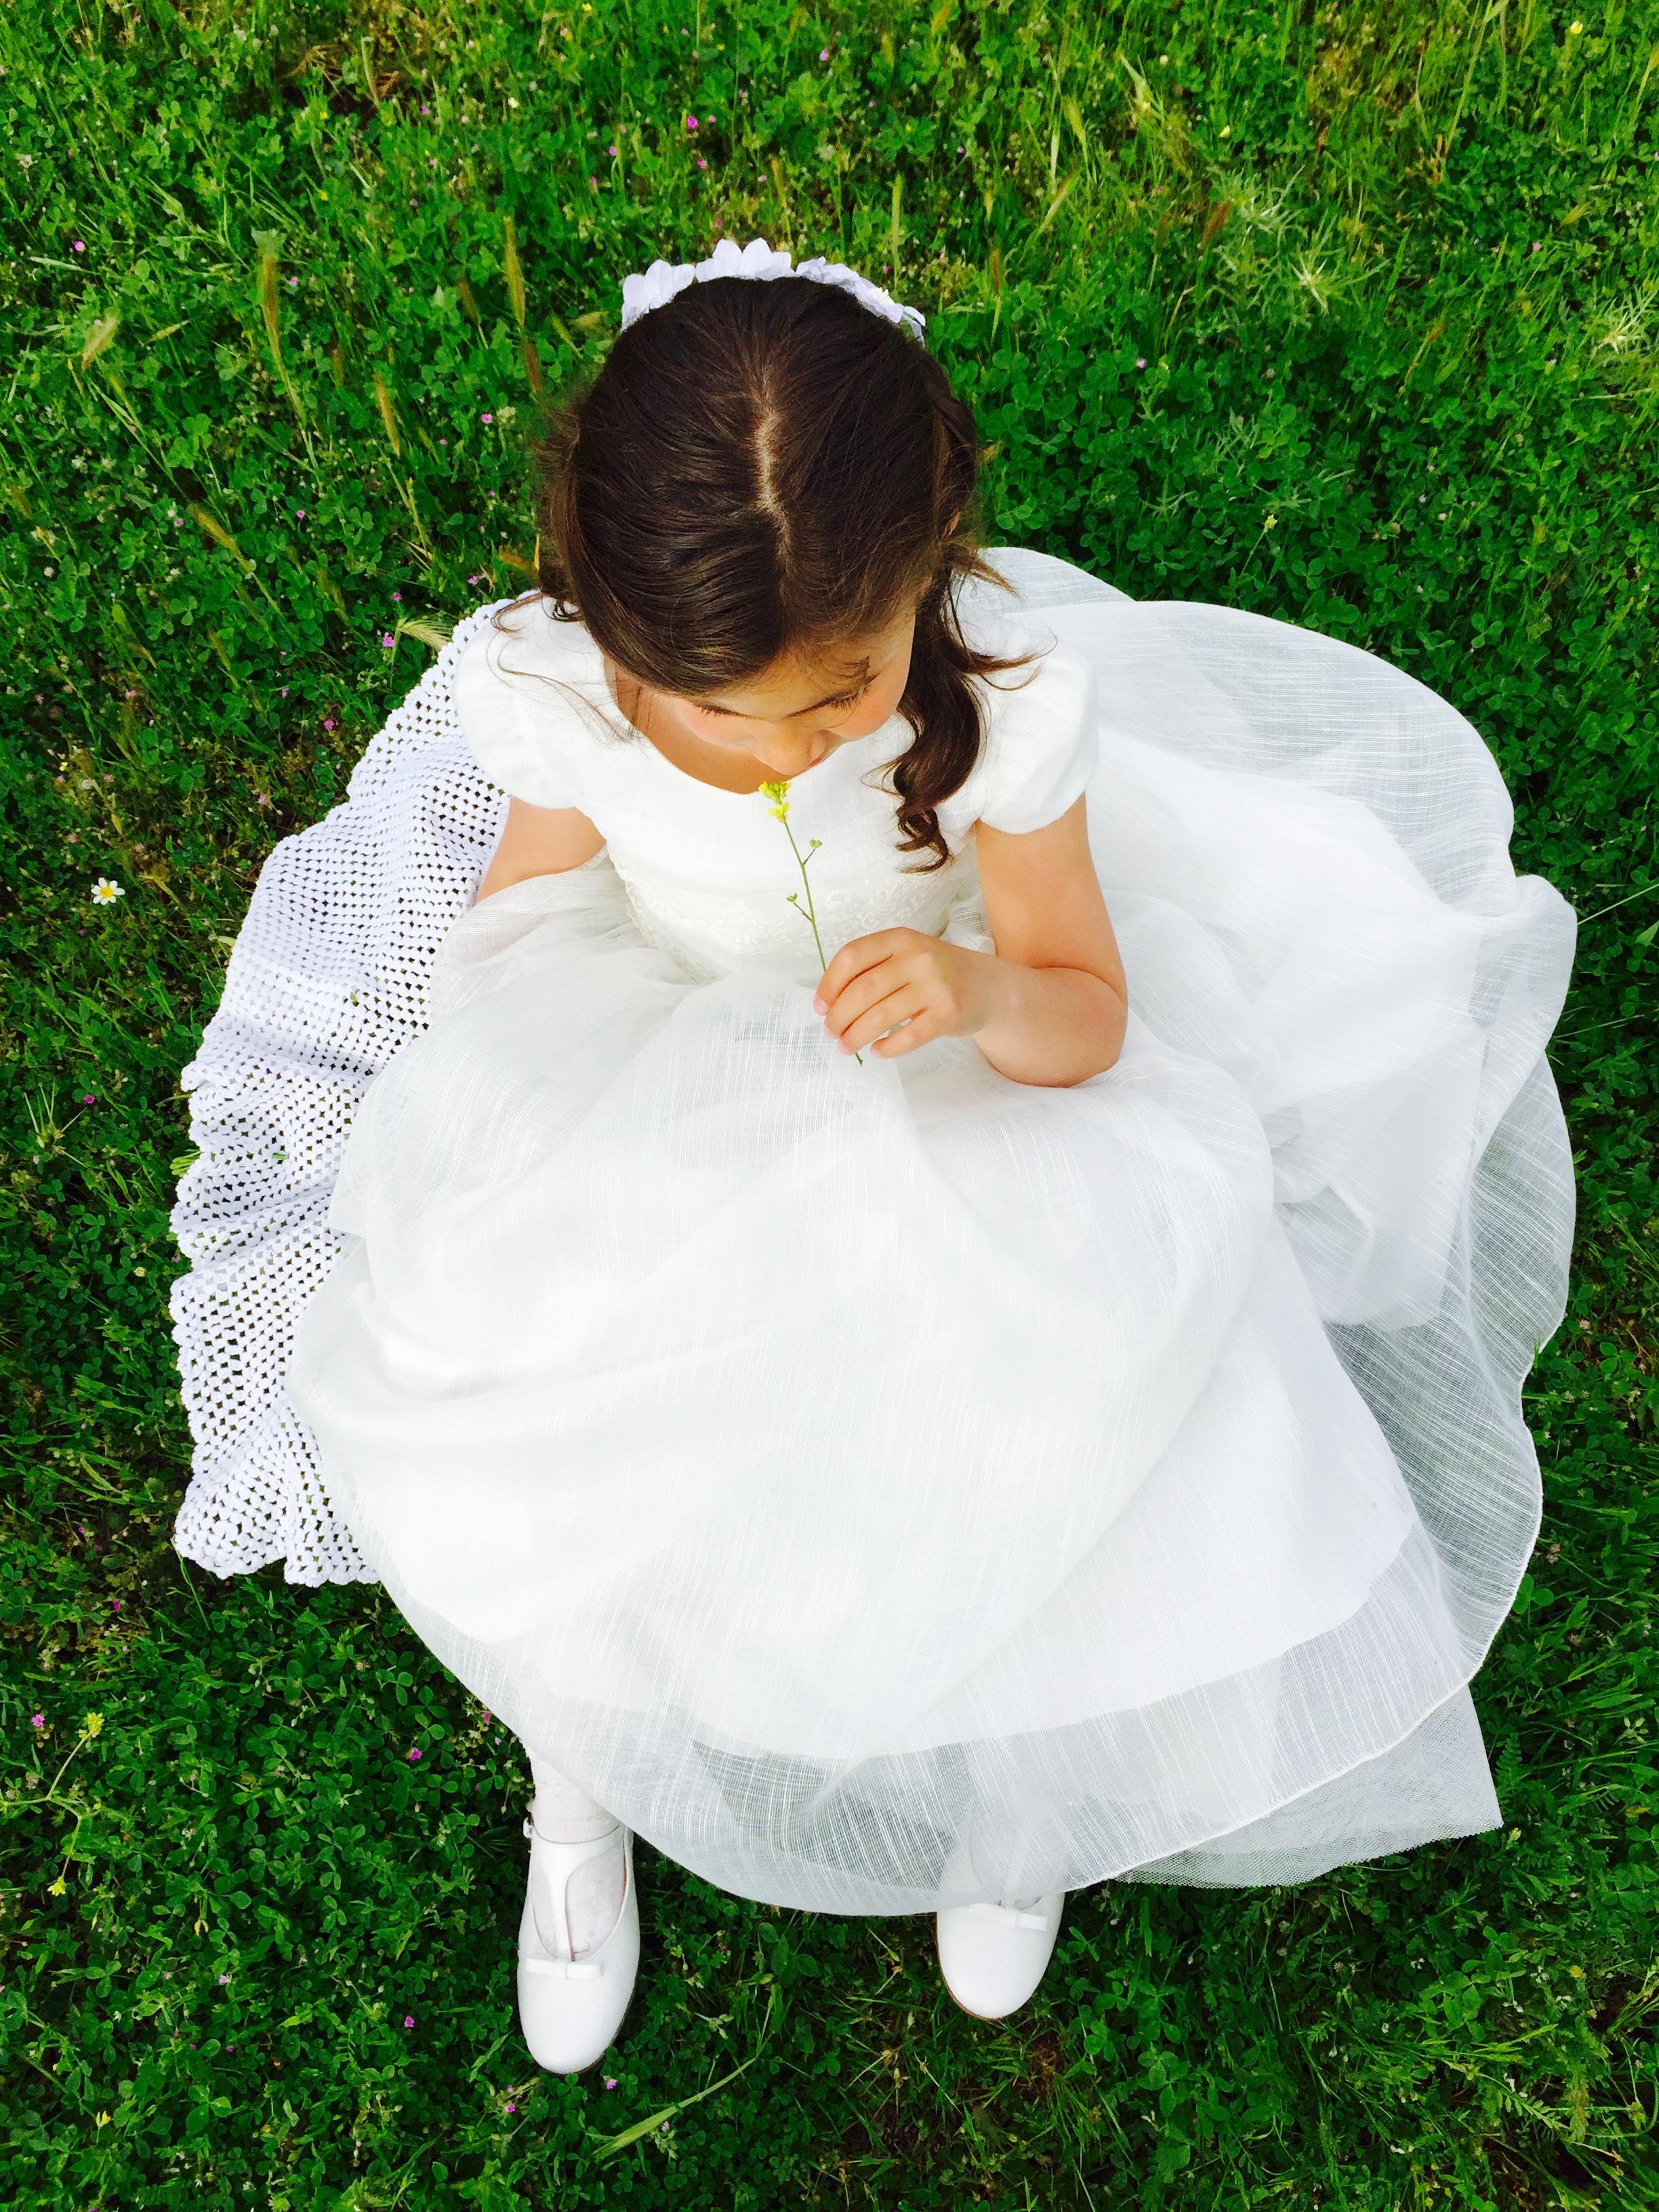 9edf280bd2dd príroda dievča biely kvetina jar sediaci prírodný dieťa nevesta šaty batoľa  kostým spoločenstvo ľudských pozície